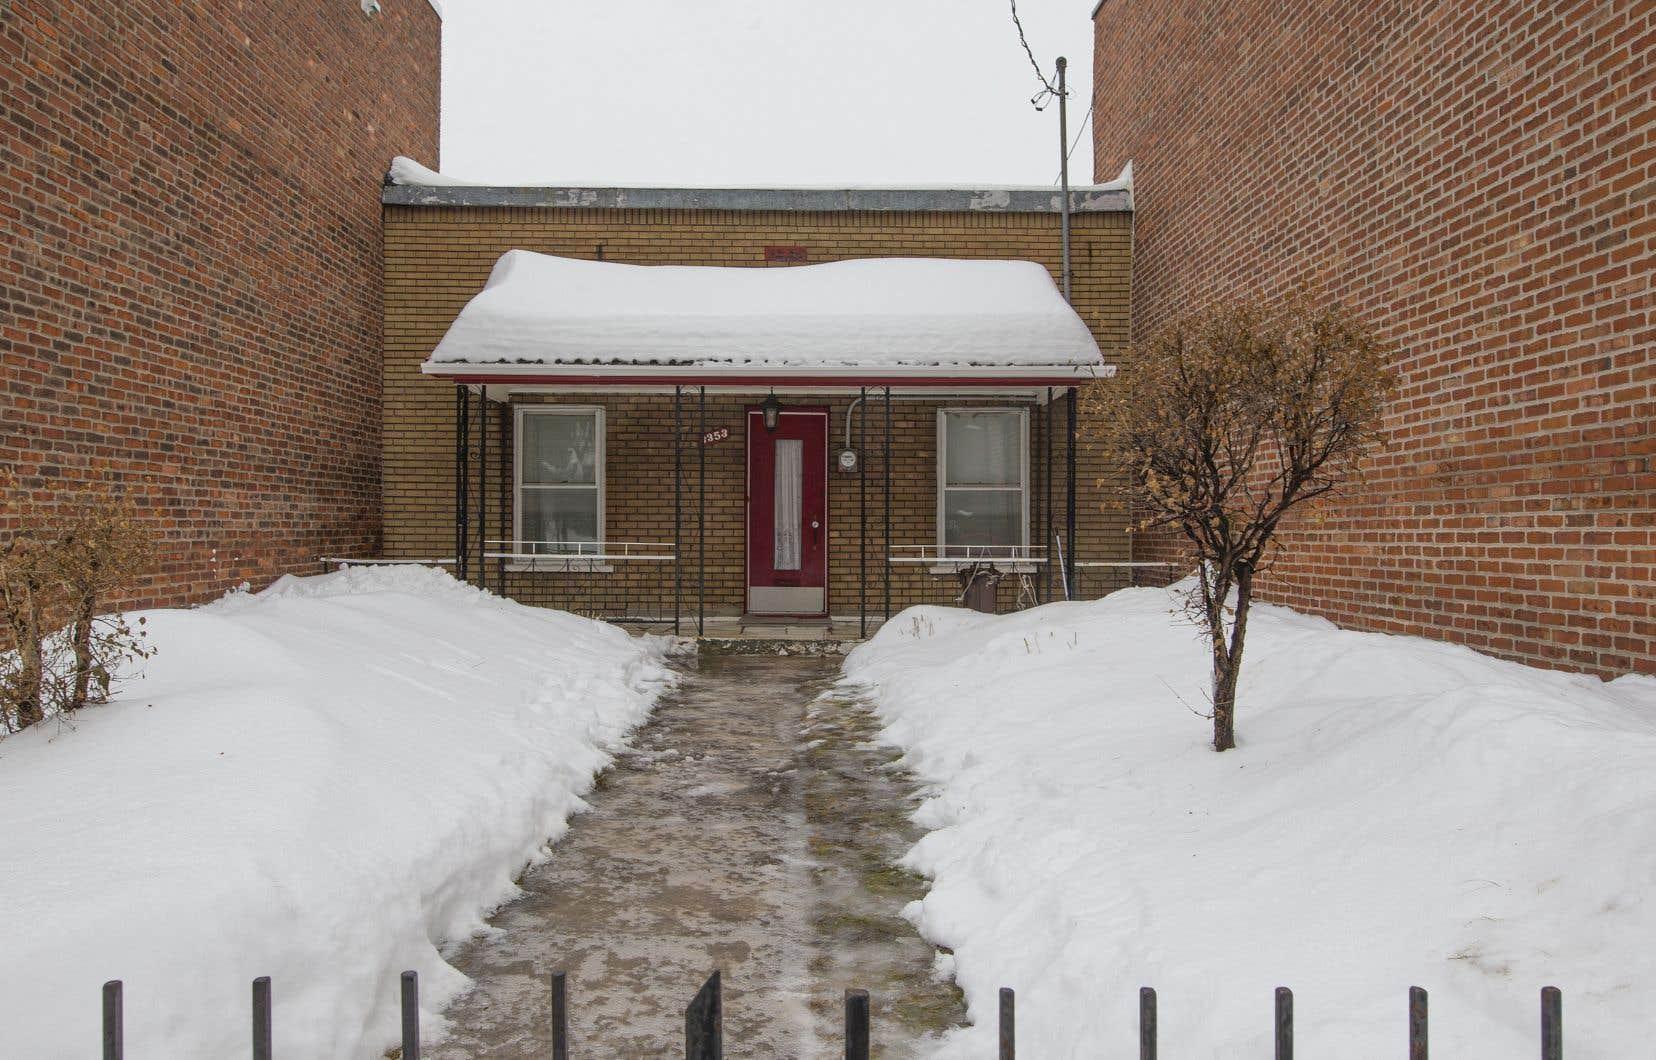 Les demandes de permis pour des projets de transformation et de démolition des maisons dites «shoebox» ont été gelées par les élus dans l'arrondissement de Rosemont–La Petite-Patrie.